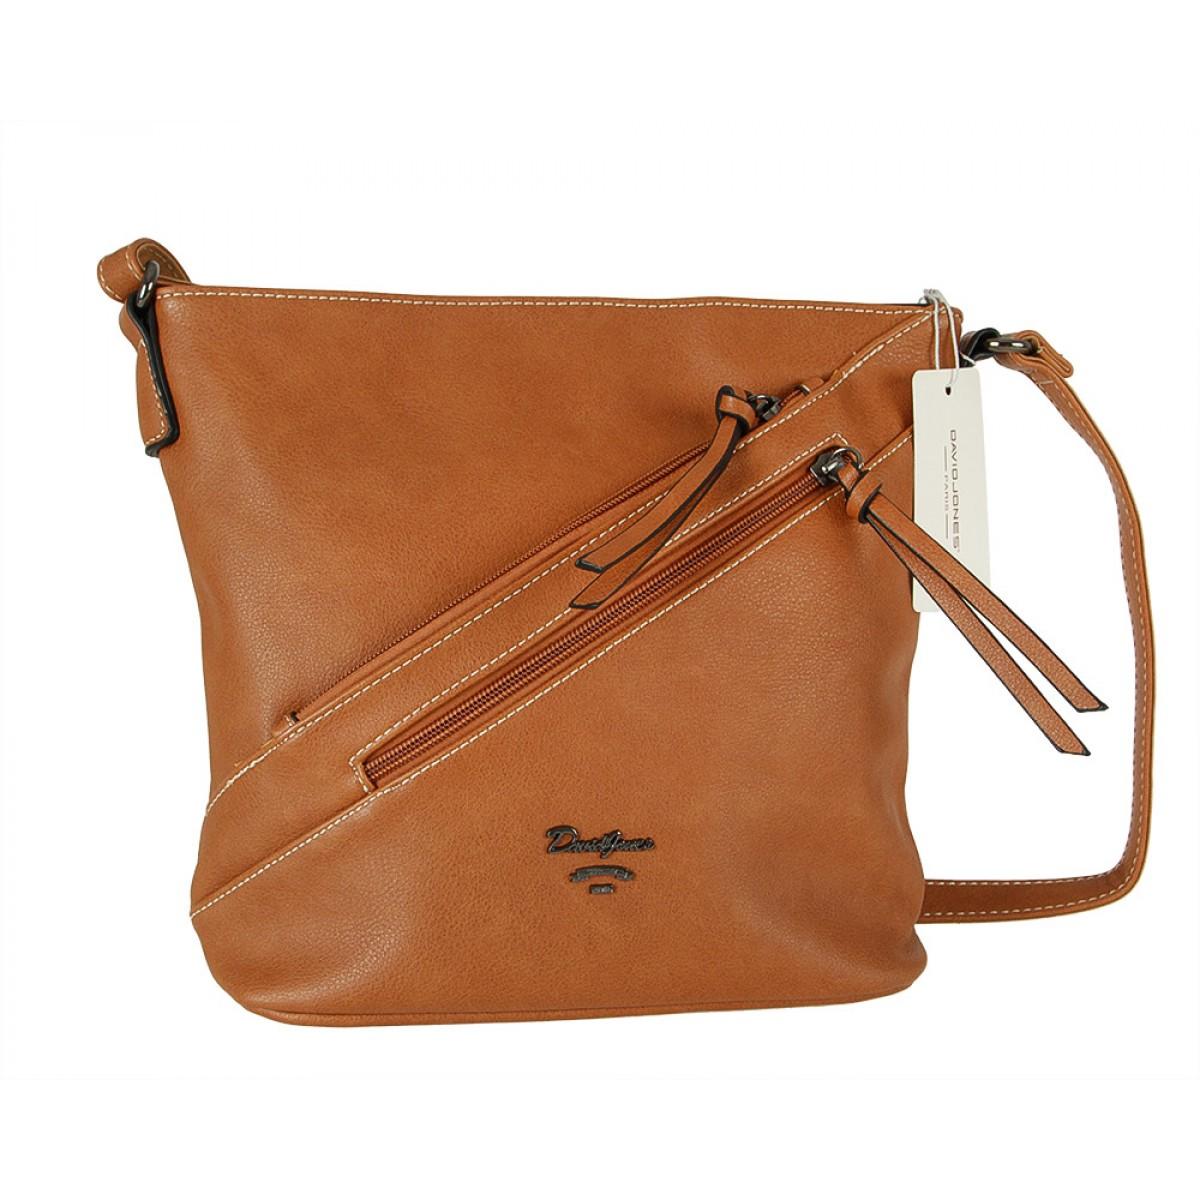 Жіноча сумка David Jones 6202-2A COGNAC